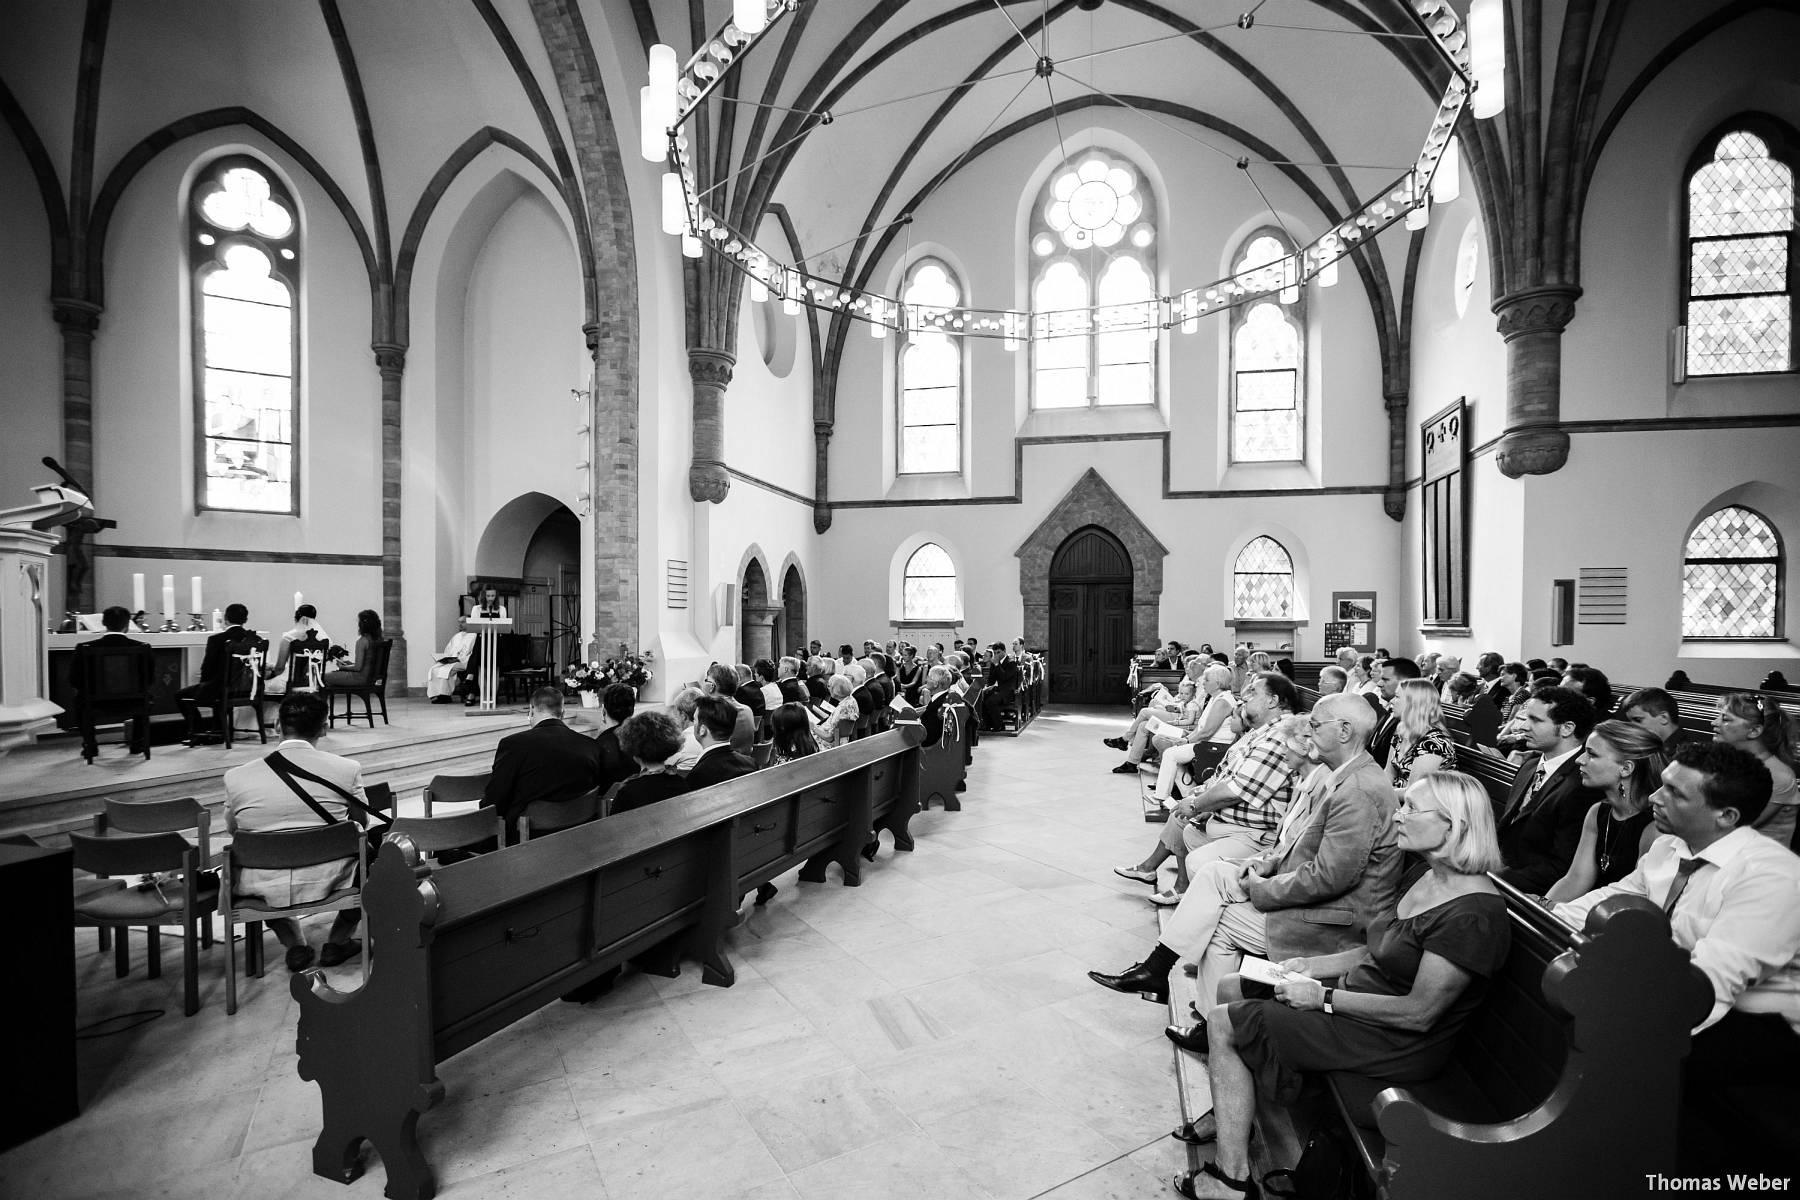 Hochzeitsfotograf Oldenburg: Kirchliche Trauung in der Garnisonkirche Oldenburg und Feier im Landhaus Etzhorn Oldenburg (19)